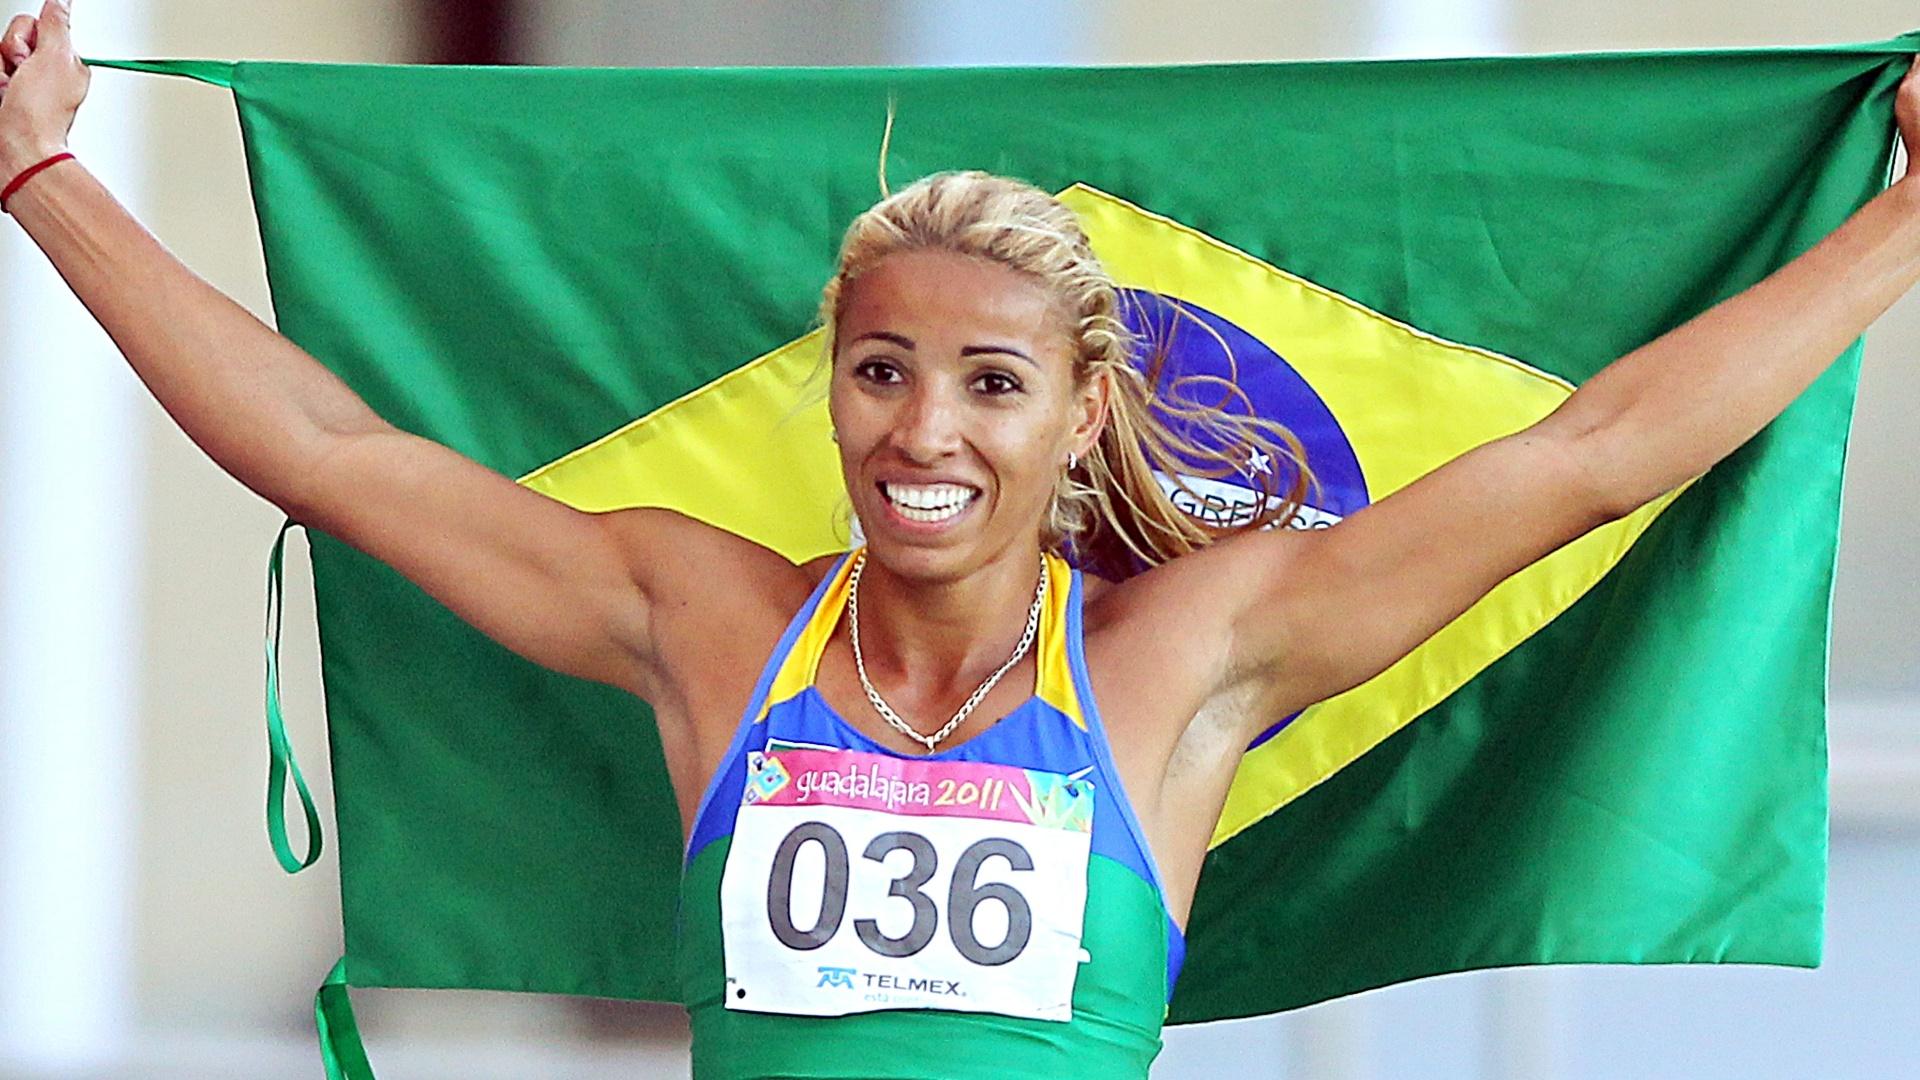 Lucimara Silvestre comemora com a bandeira brasileira seu ouro no heptatlo (26/10/2011)